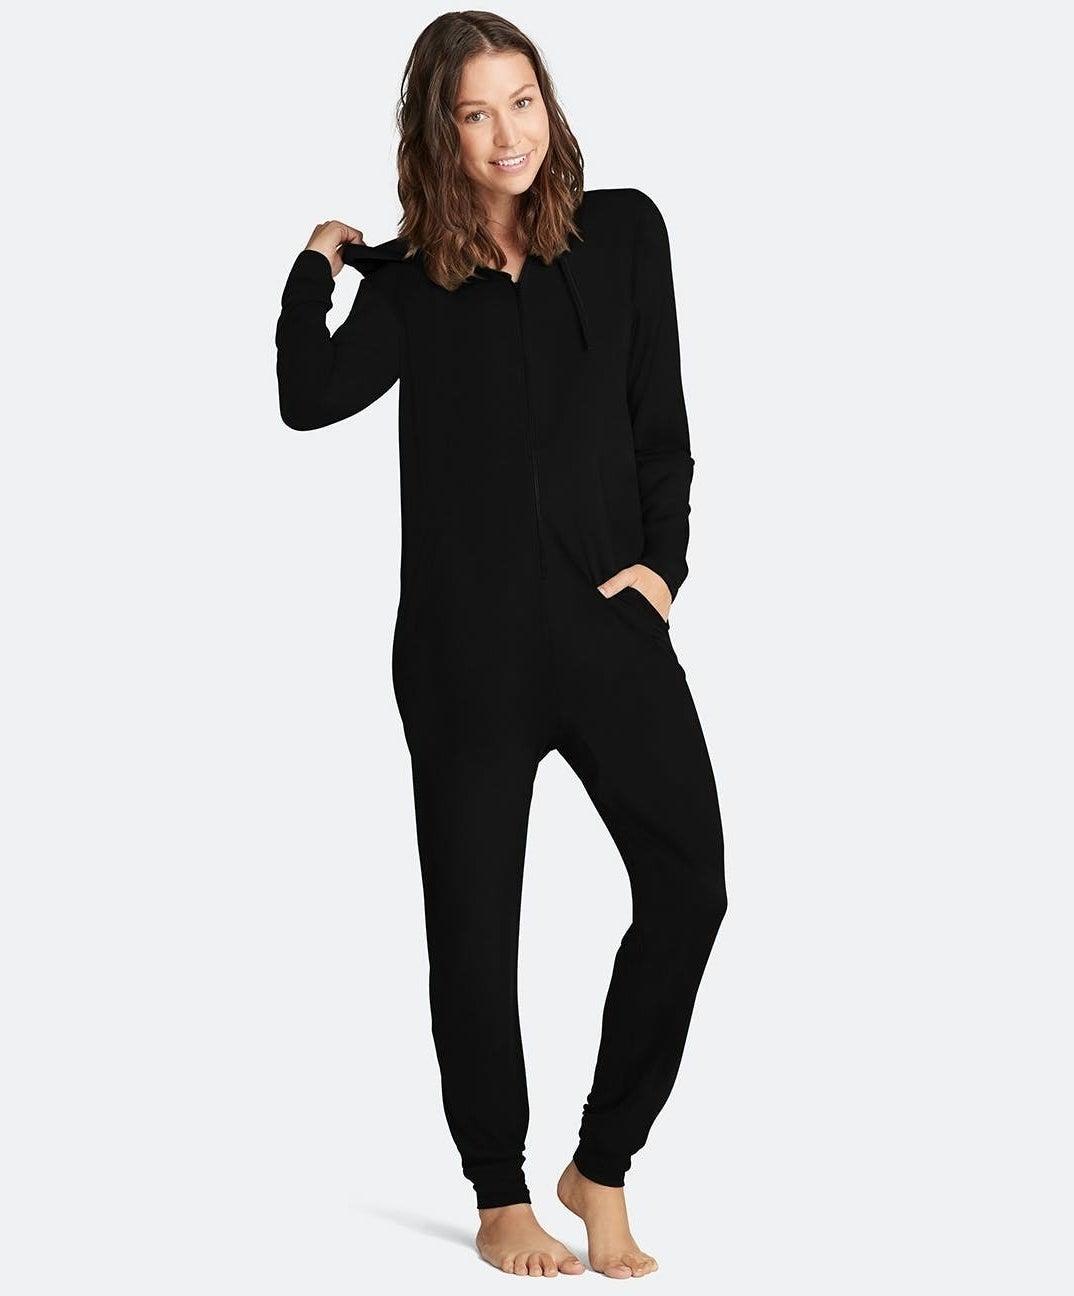 model wearing the black onesie